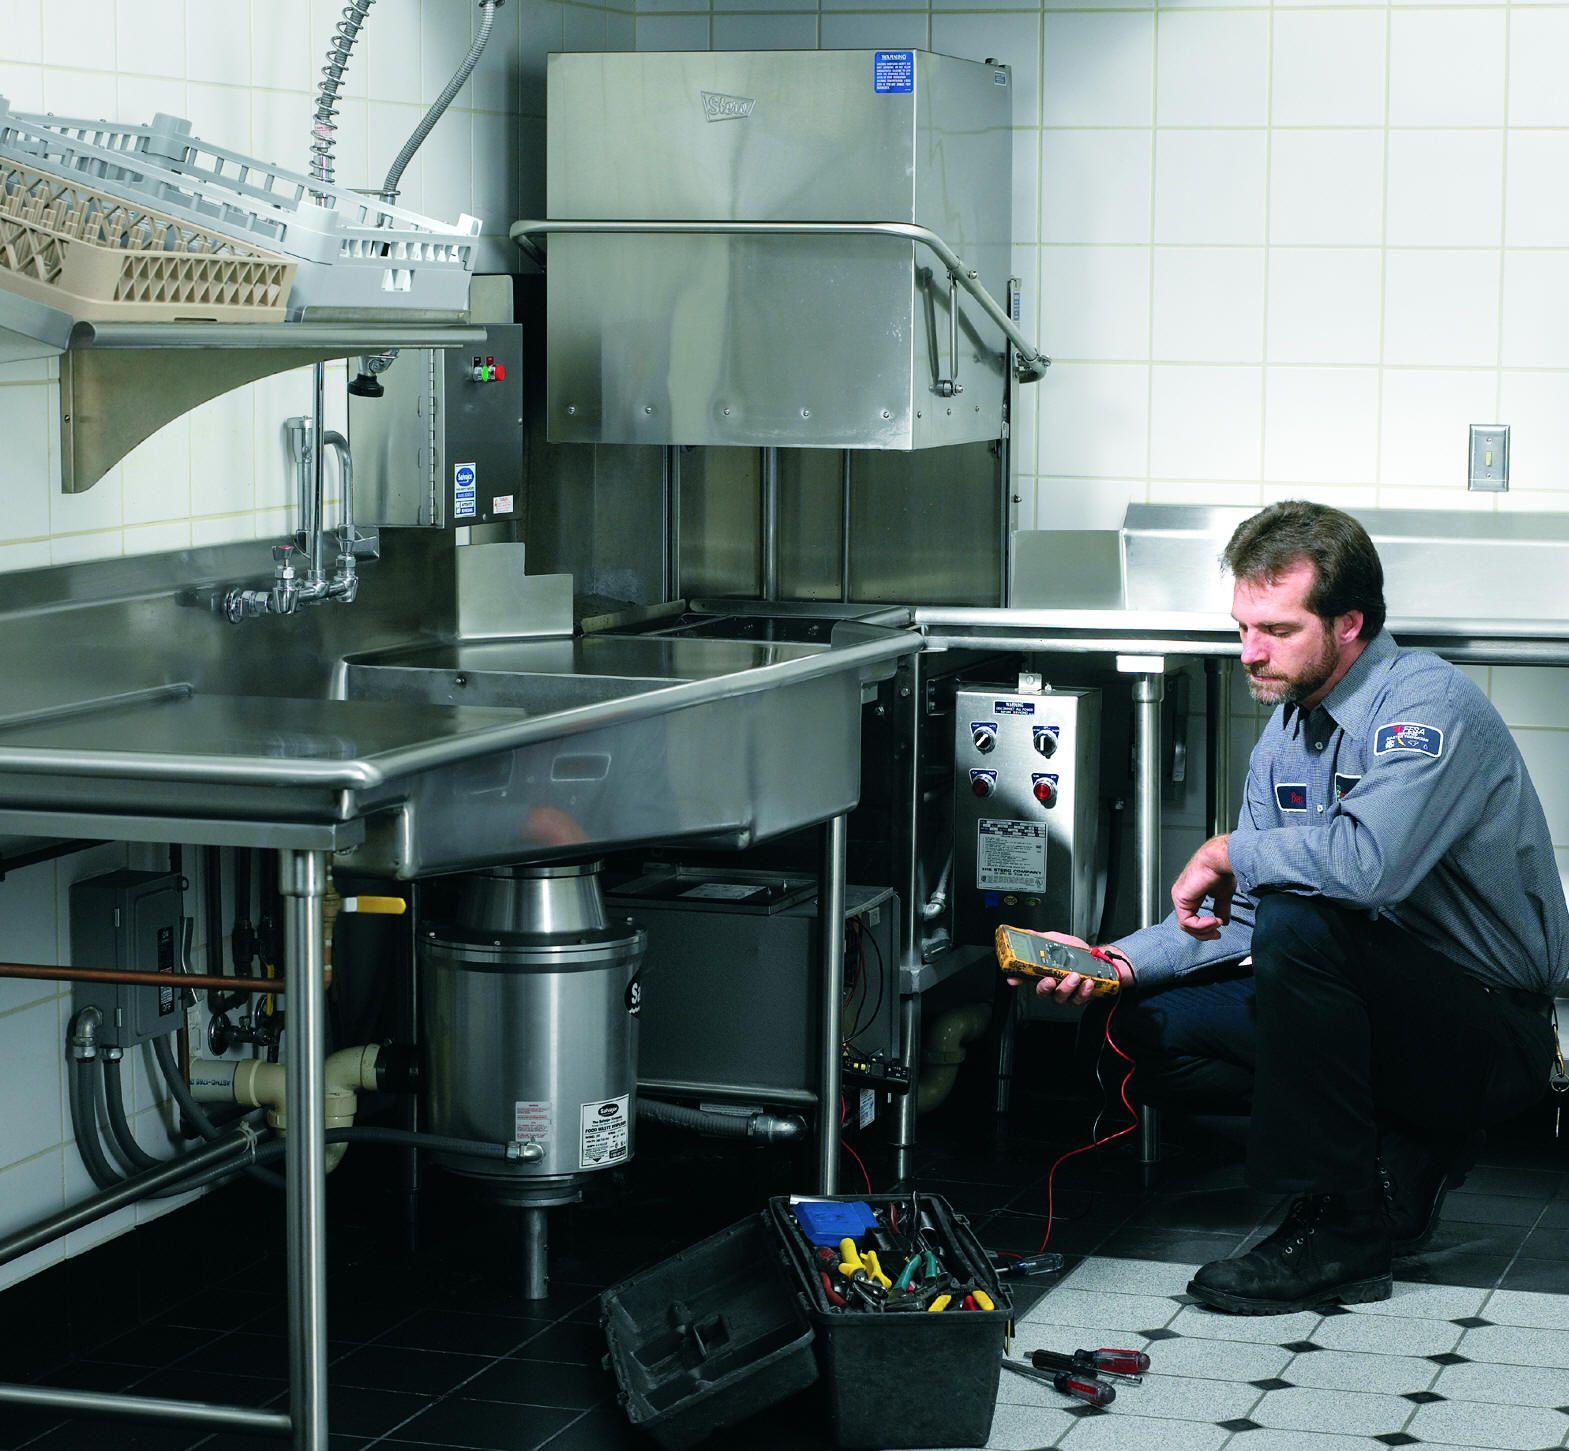 Pin On Dishwashing Waste Management Designs